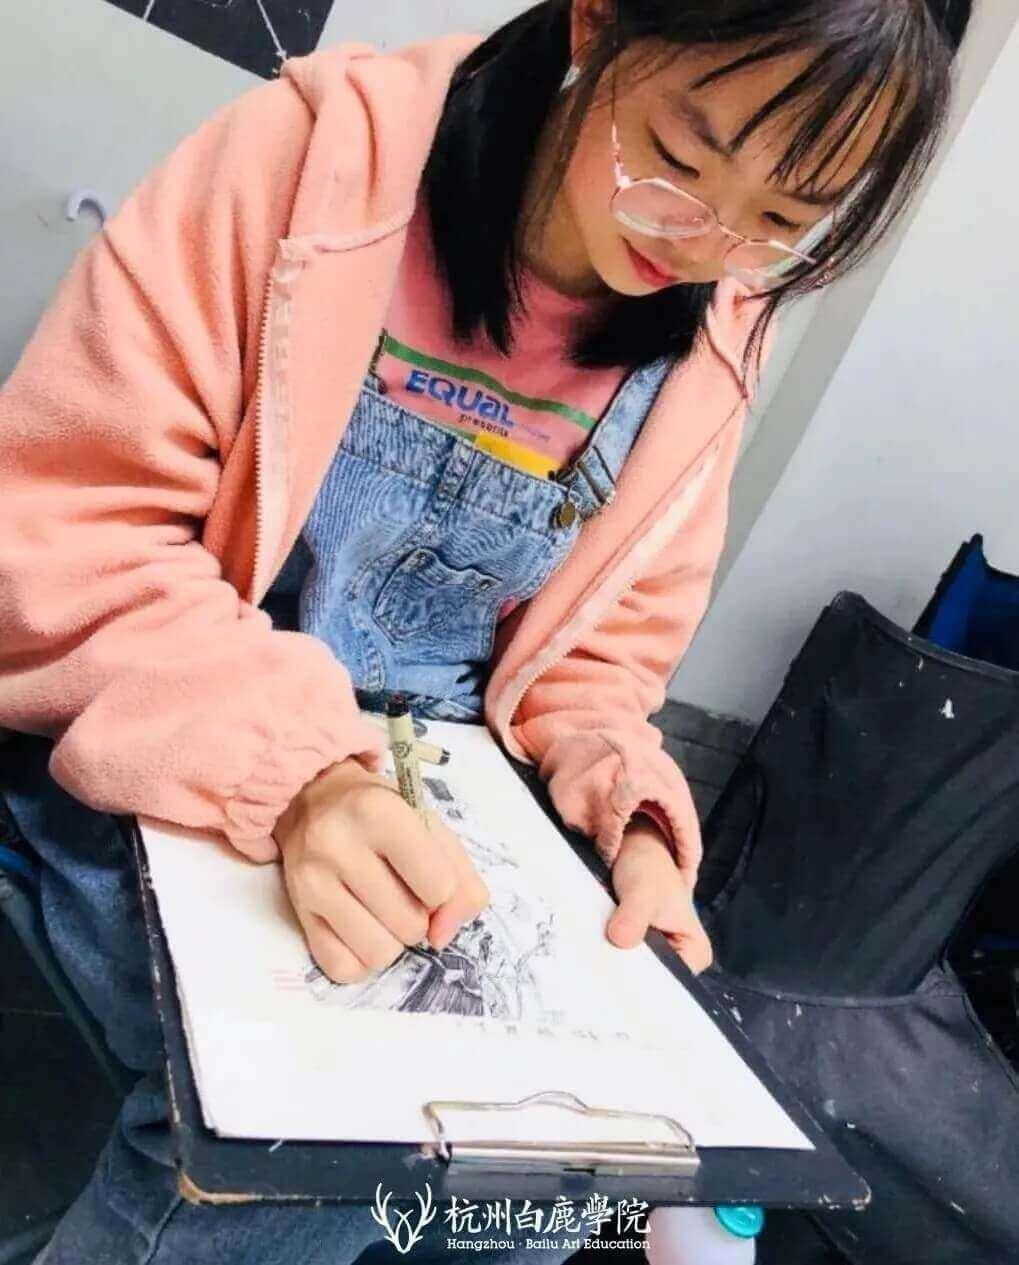 杭州美术培训班白鹿有约   明秋雨:她小小的身体竟然蕴藏如此强大的能量,09